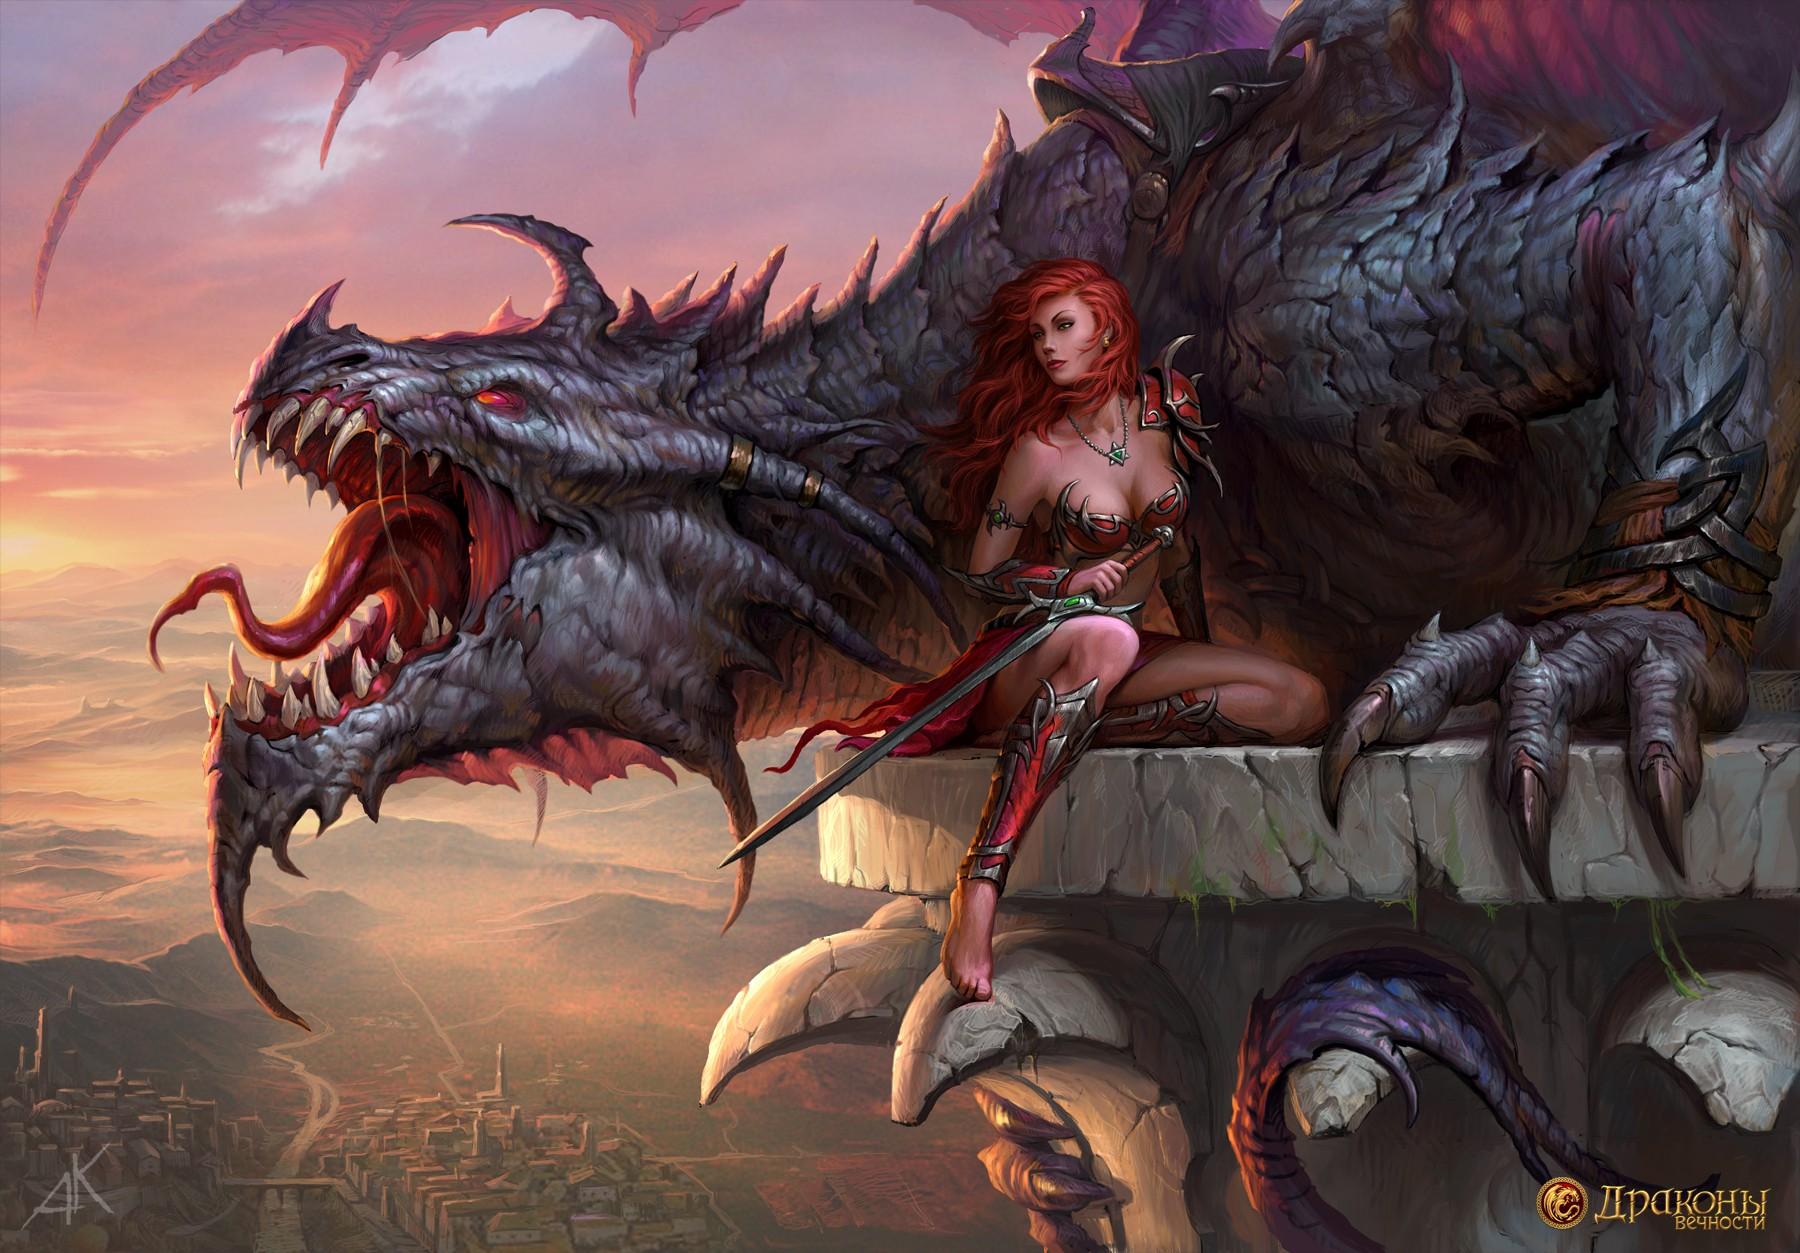 Wallpapers dragon gratuits. Fonds d'écran dragon pour le bureau.